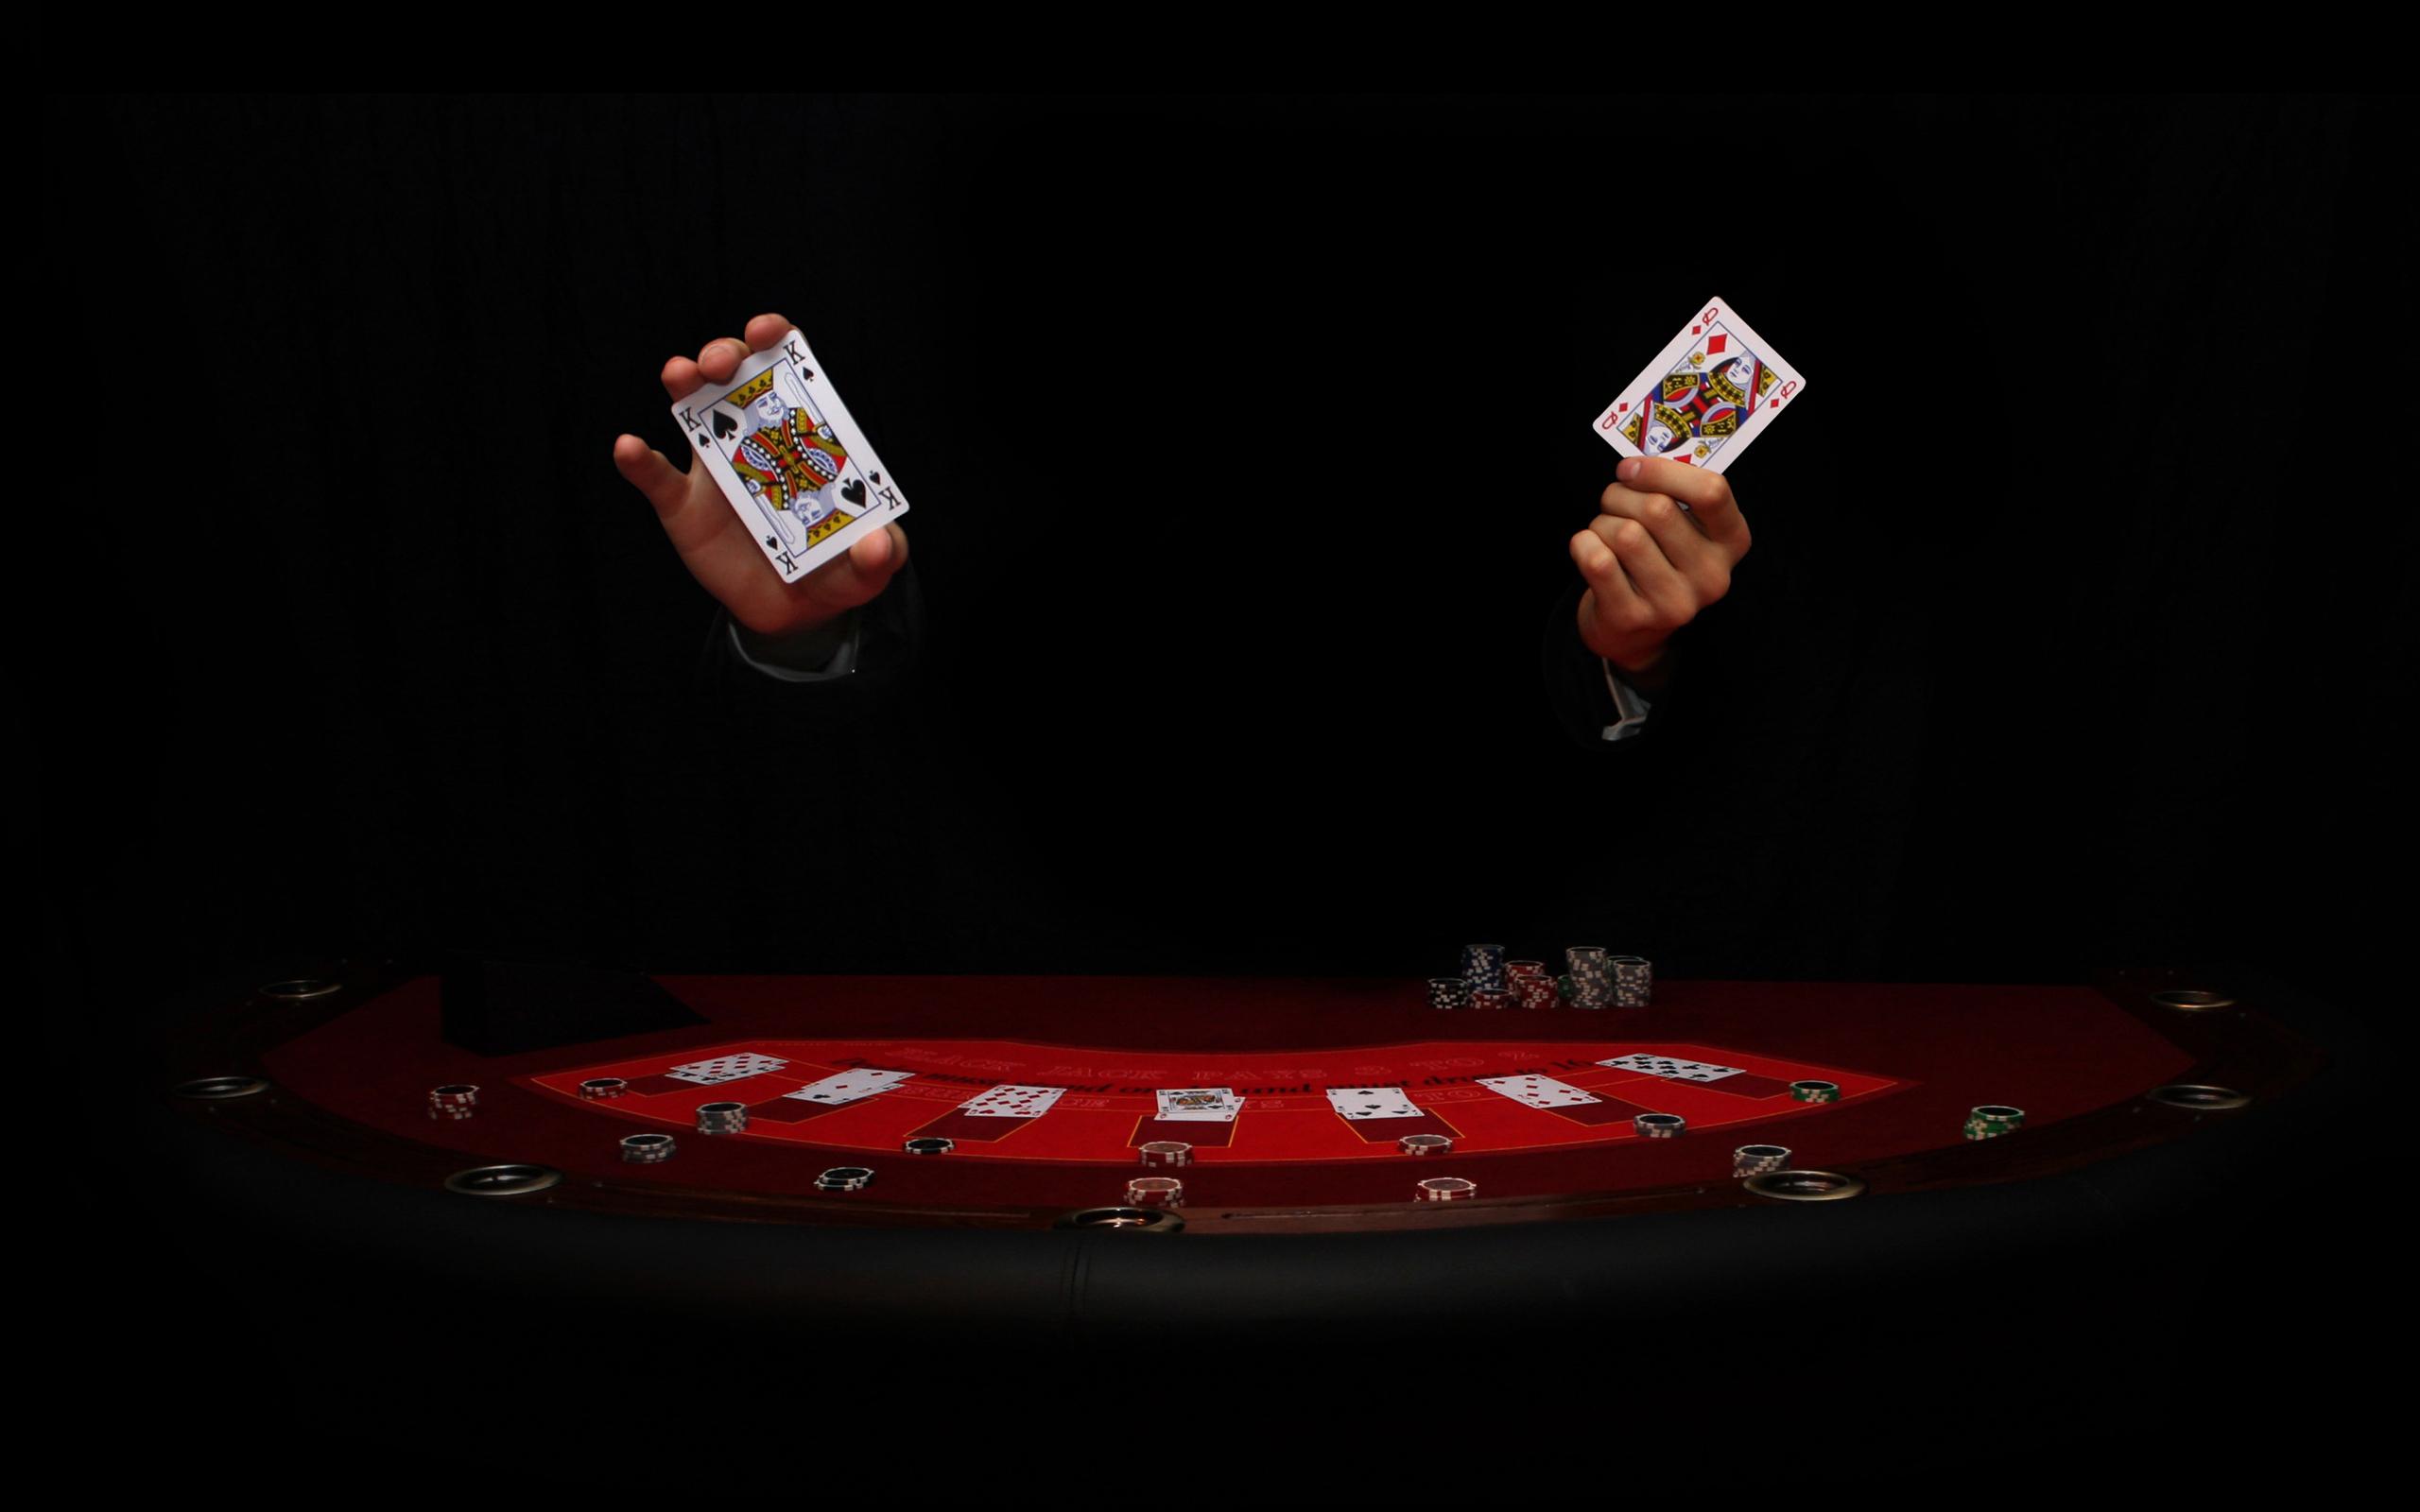 Победа онлайн казино официальный сайт